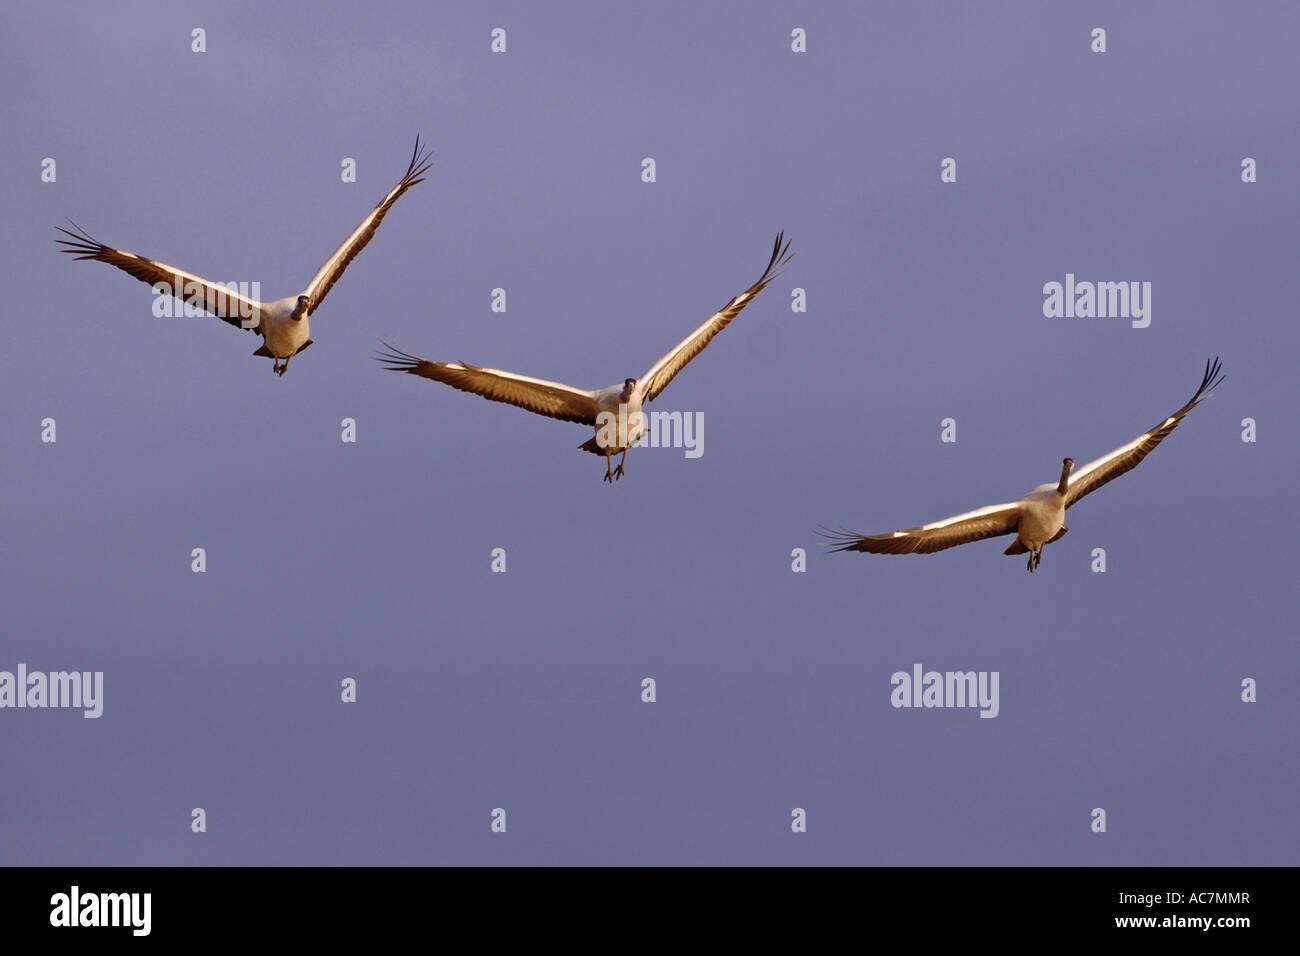 Fliegende Kraniche Local Caption Fliegende Kraniche Stock Photo